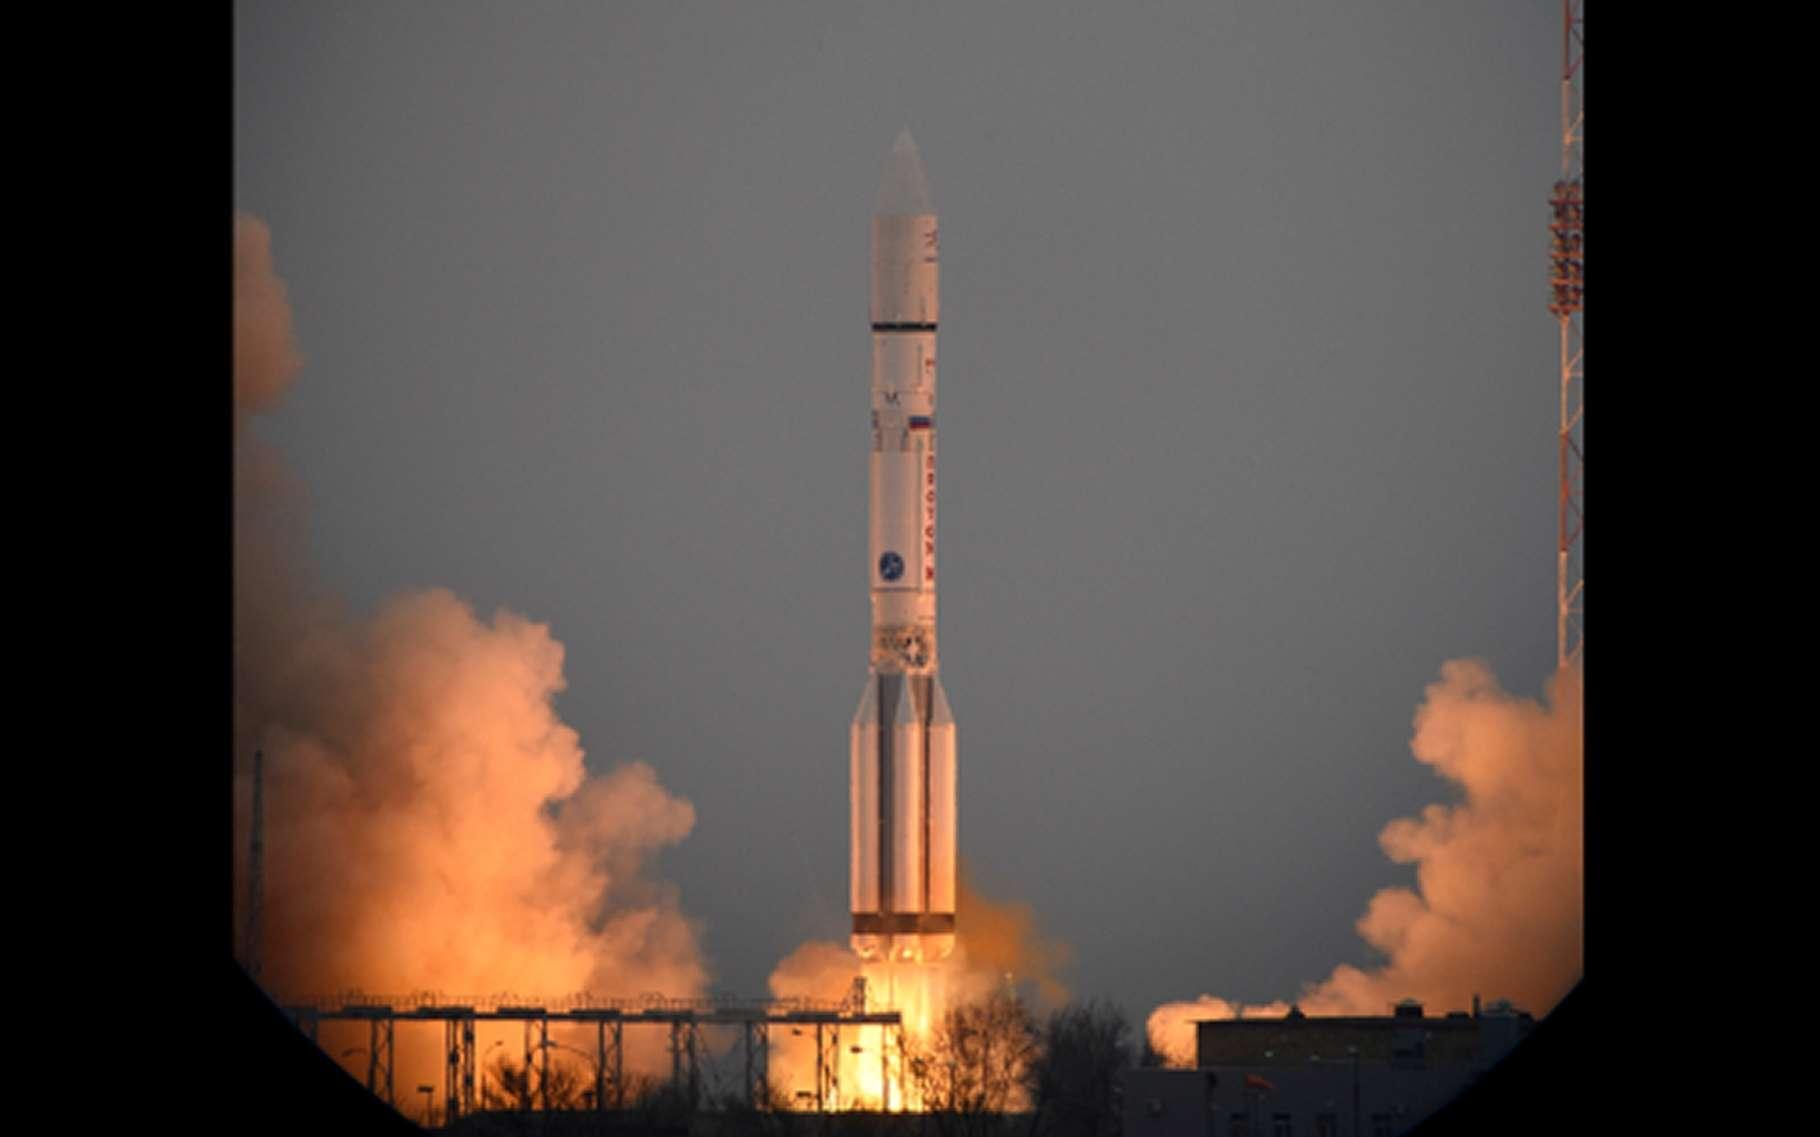 Un lanceur Proton-M a décollé de Baïkonour (Kazakhstan) ce lundi 14 mars à 9 h 31 TU (10 h 31 en heure française métropolitaine), emportant la mission ExoMars 2016, avec l'orbiteur TGO et la capsule Schiaparelli. © Esa